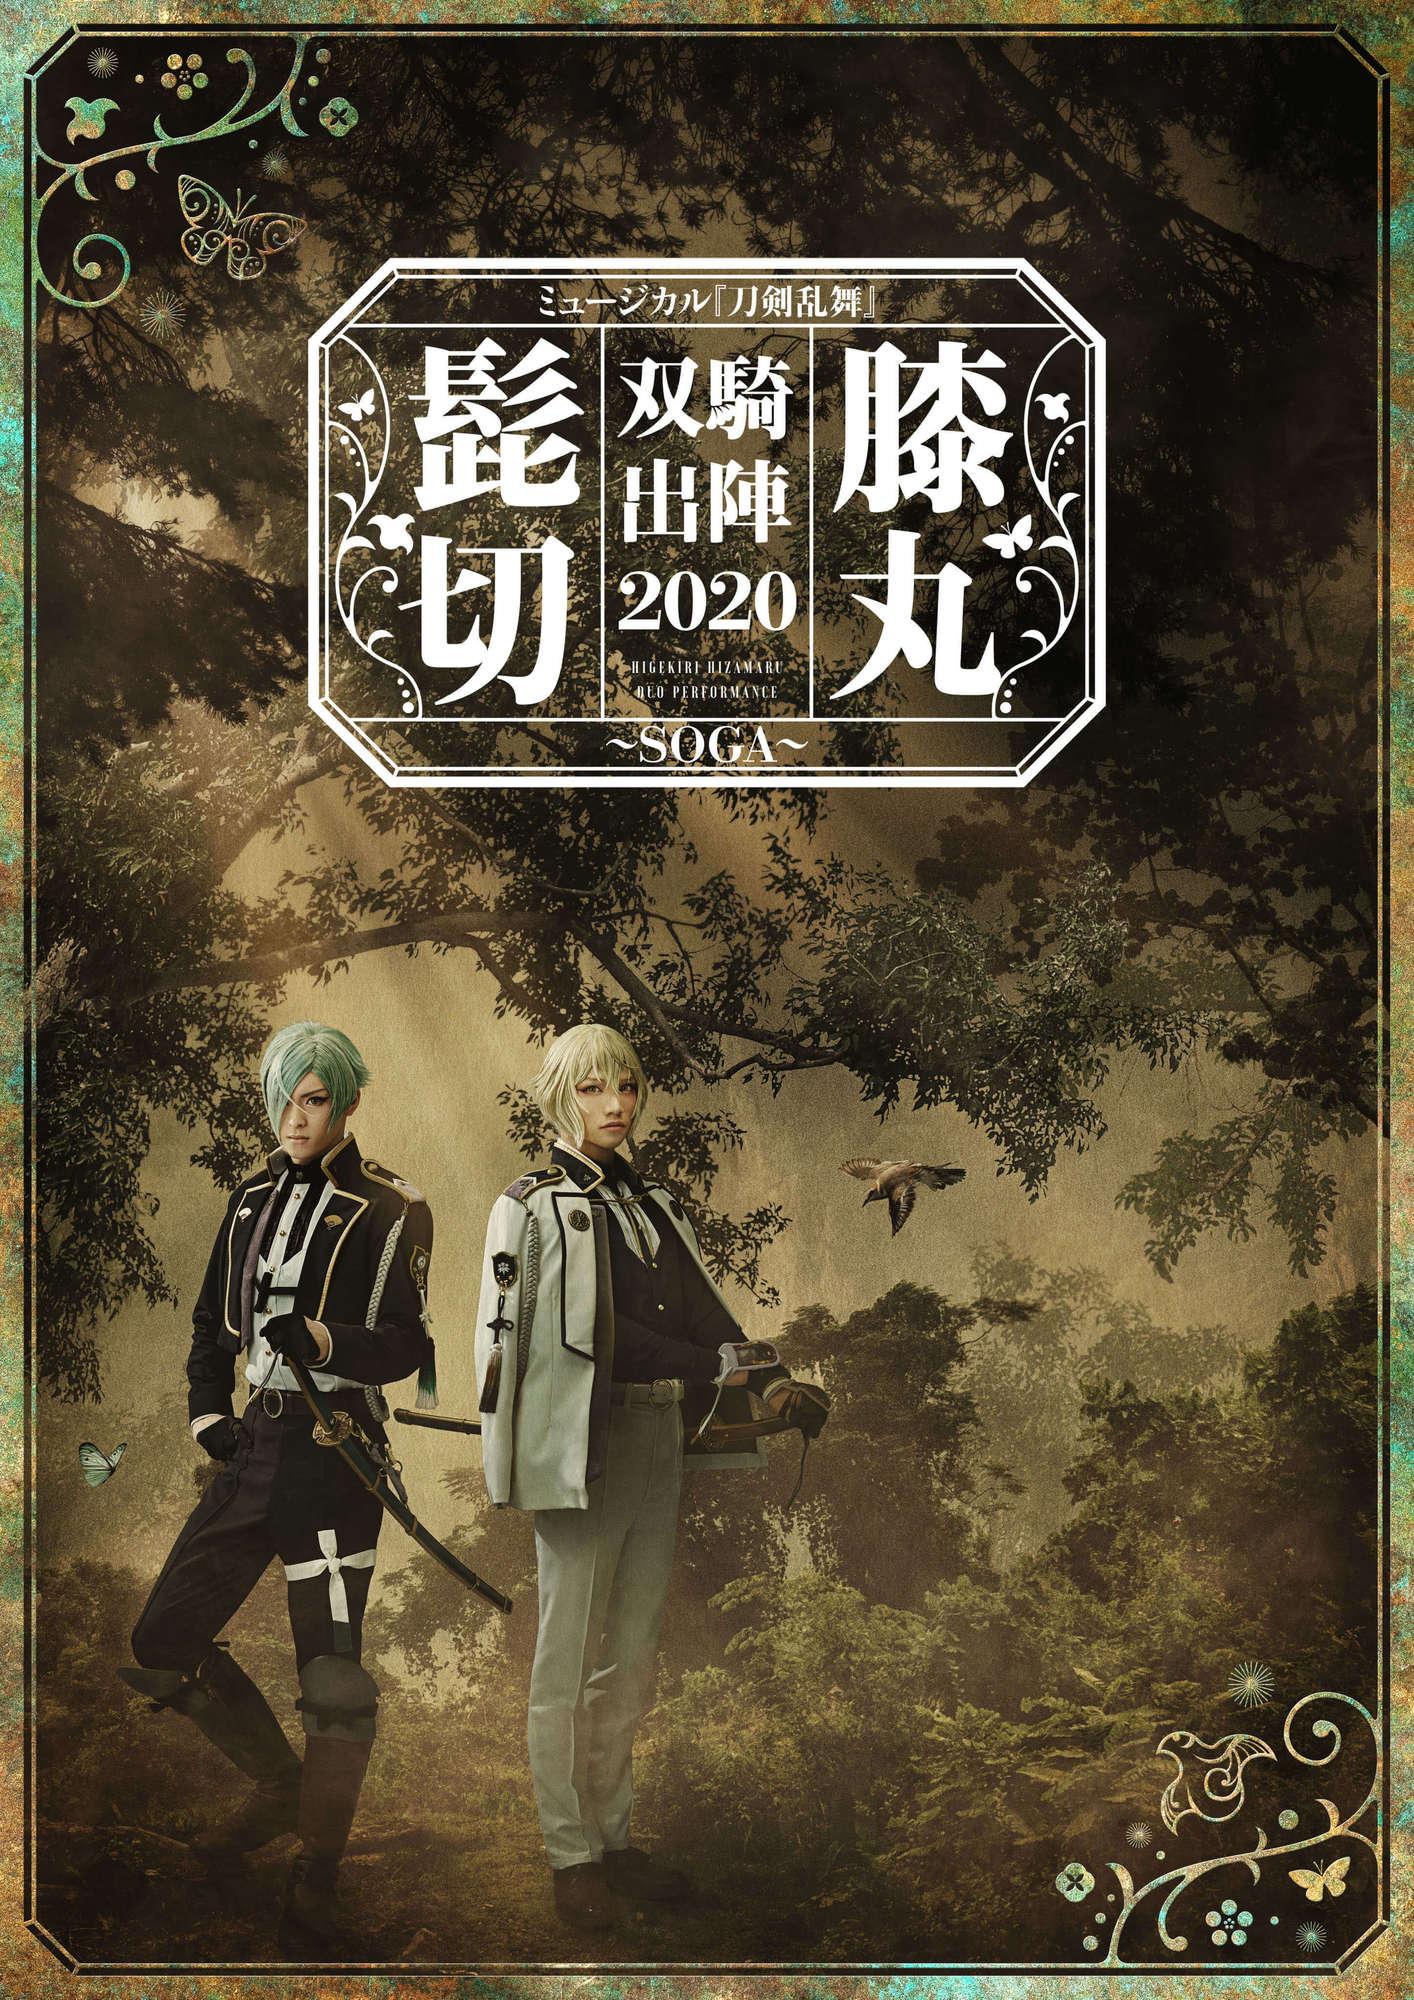 10/11(日)ライブビューイング ミュージカル『刀剣乱舞』  髭切膝丸 双騎出陣 2020 ~SOGA~@伏見ミリオン座&センチュリーシネマ 開催